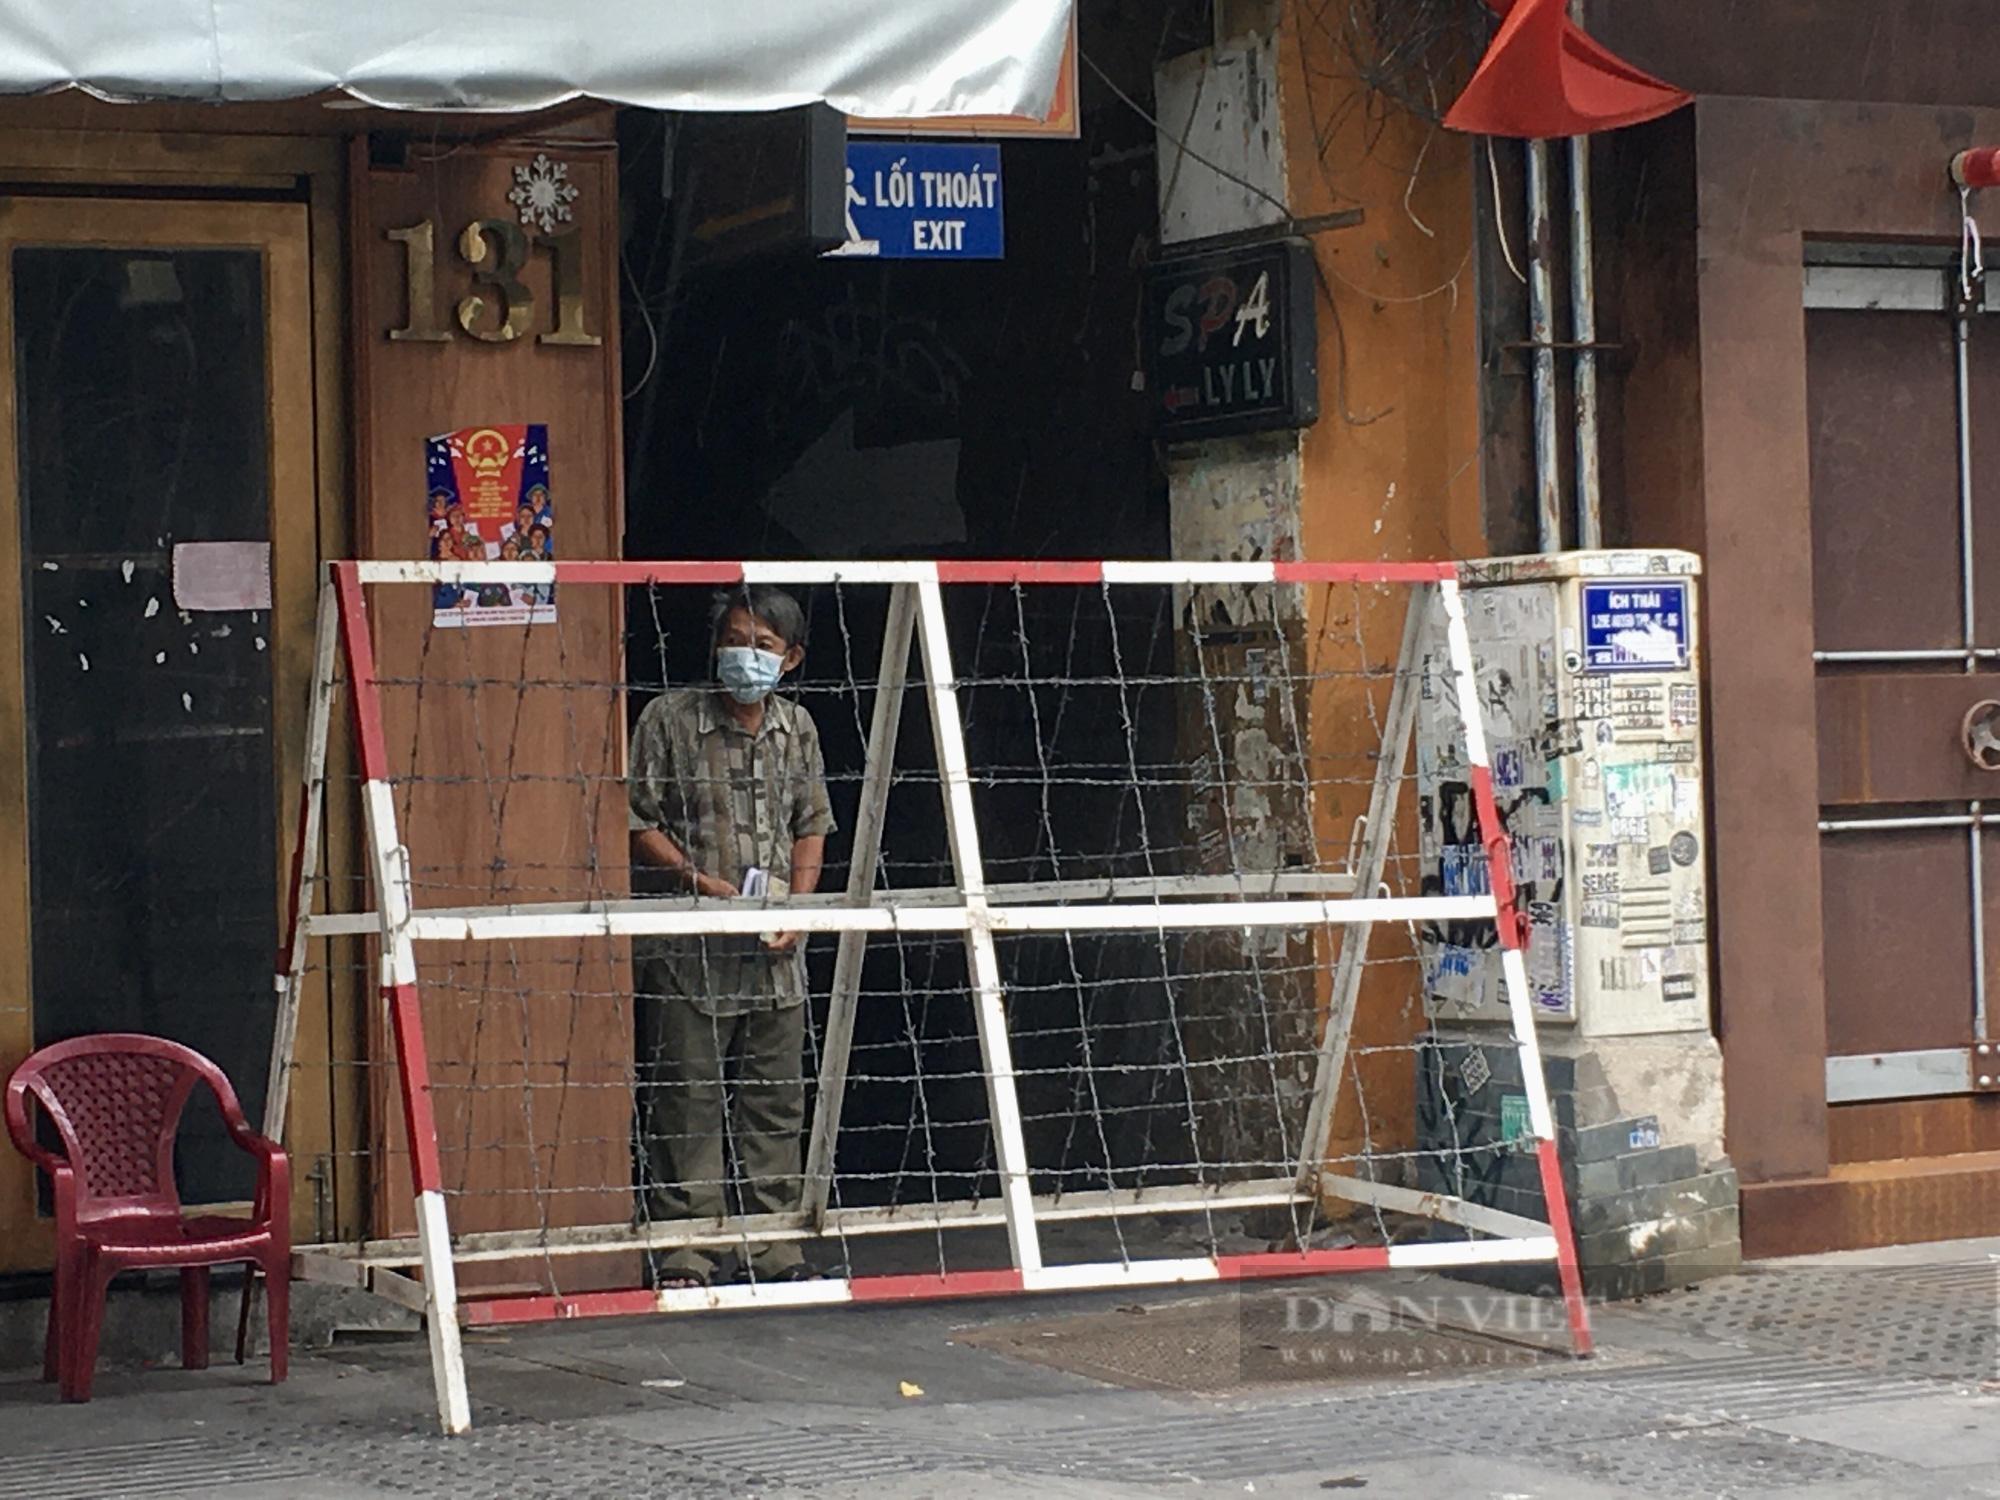 Hẻm Sài Gòn những ngày phong tỏa - Ảnh 13.